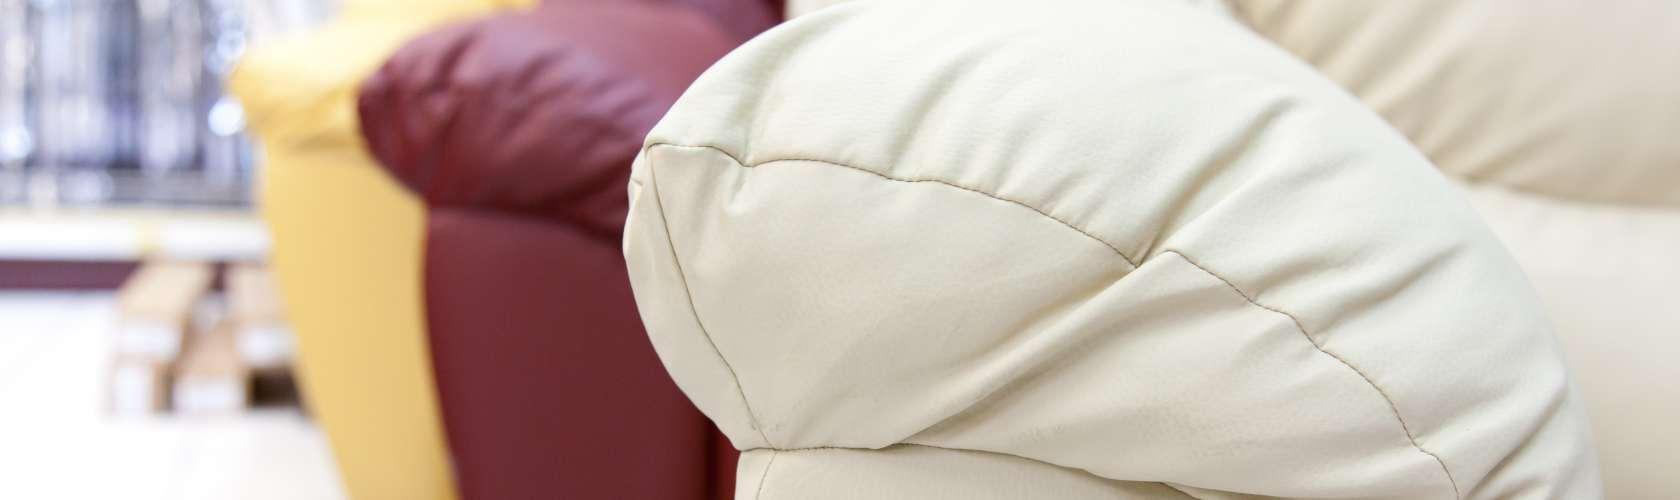 Arredamento offerte casa lampade cucine soggiorni camere for Arredamento casa offerte sconti